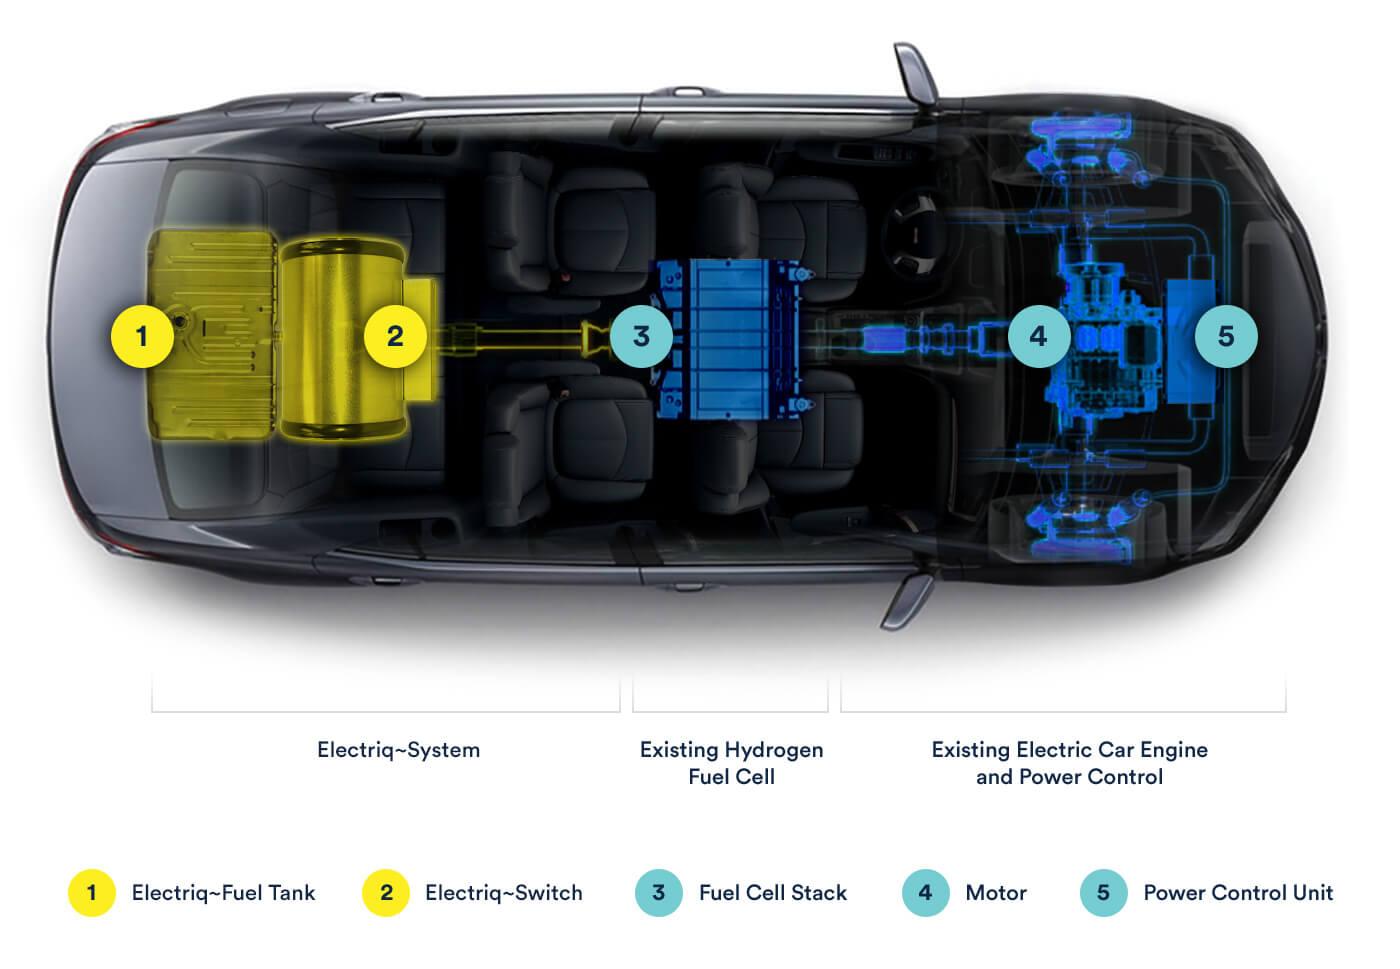 Как автомобиль будет работать по технологии Electriq~Global